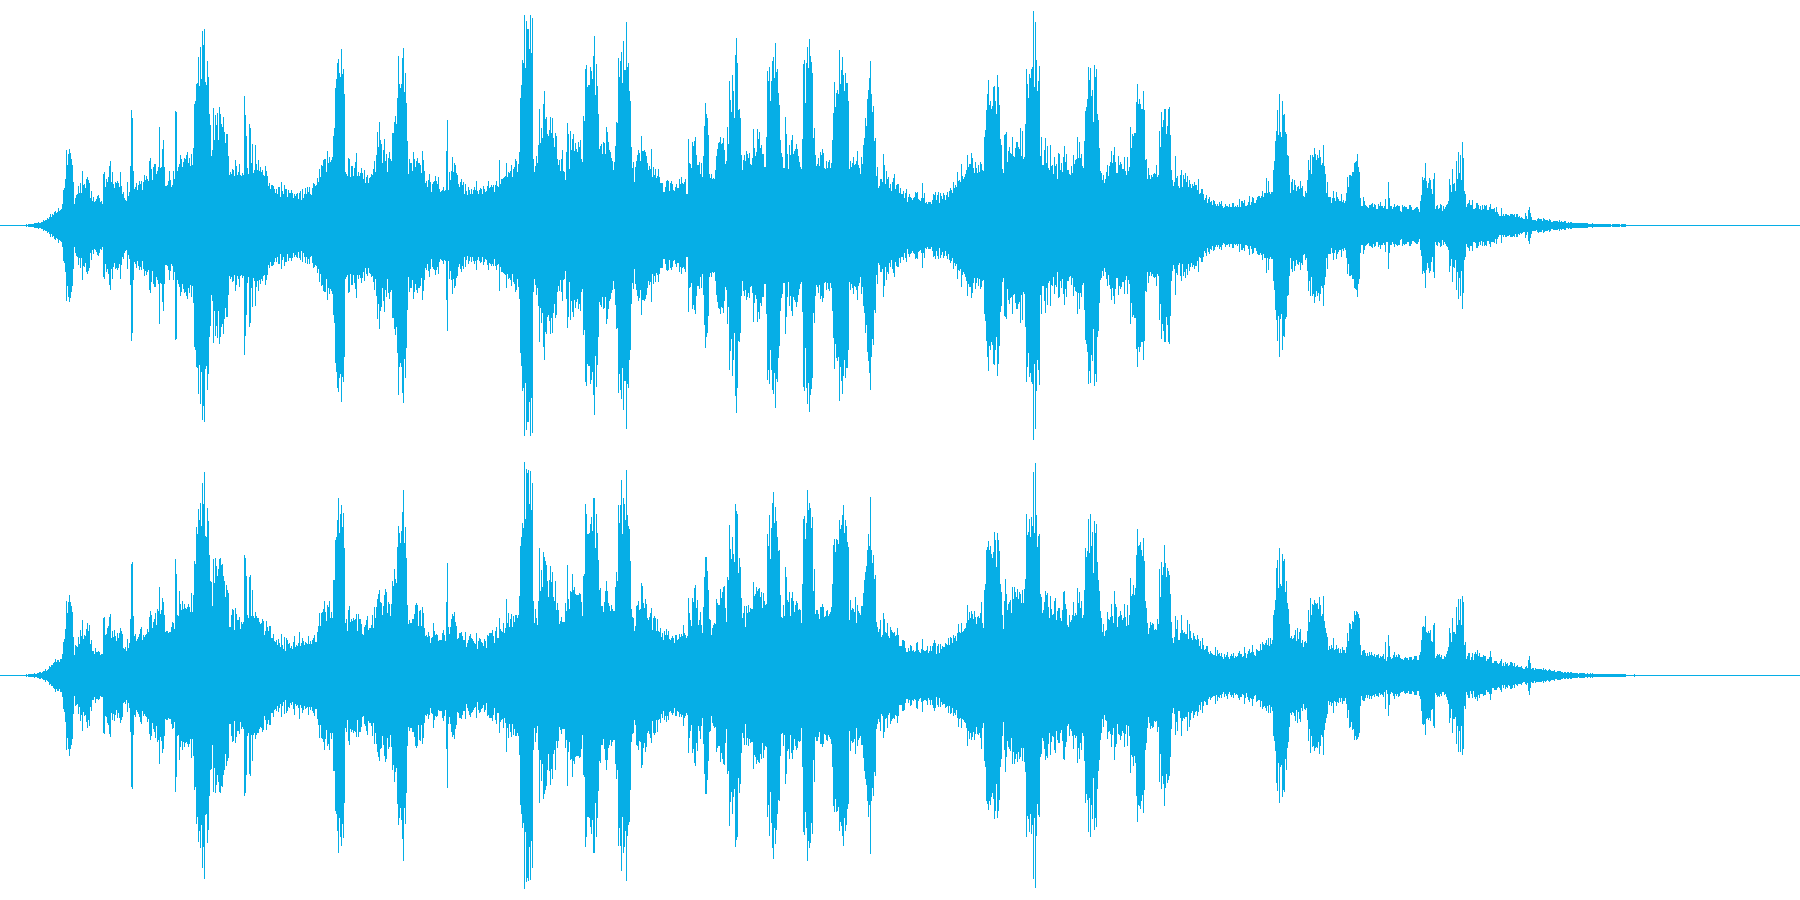 悪の聖歌、ささやき、逆リバーブ、ホ...の再生済みの波形